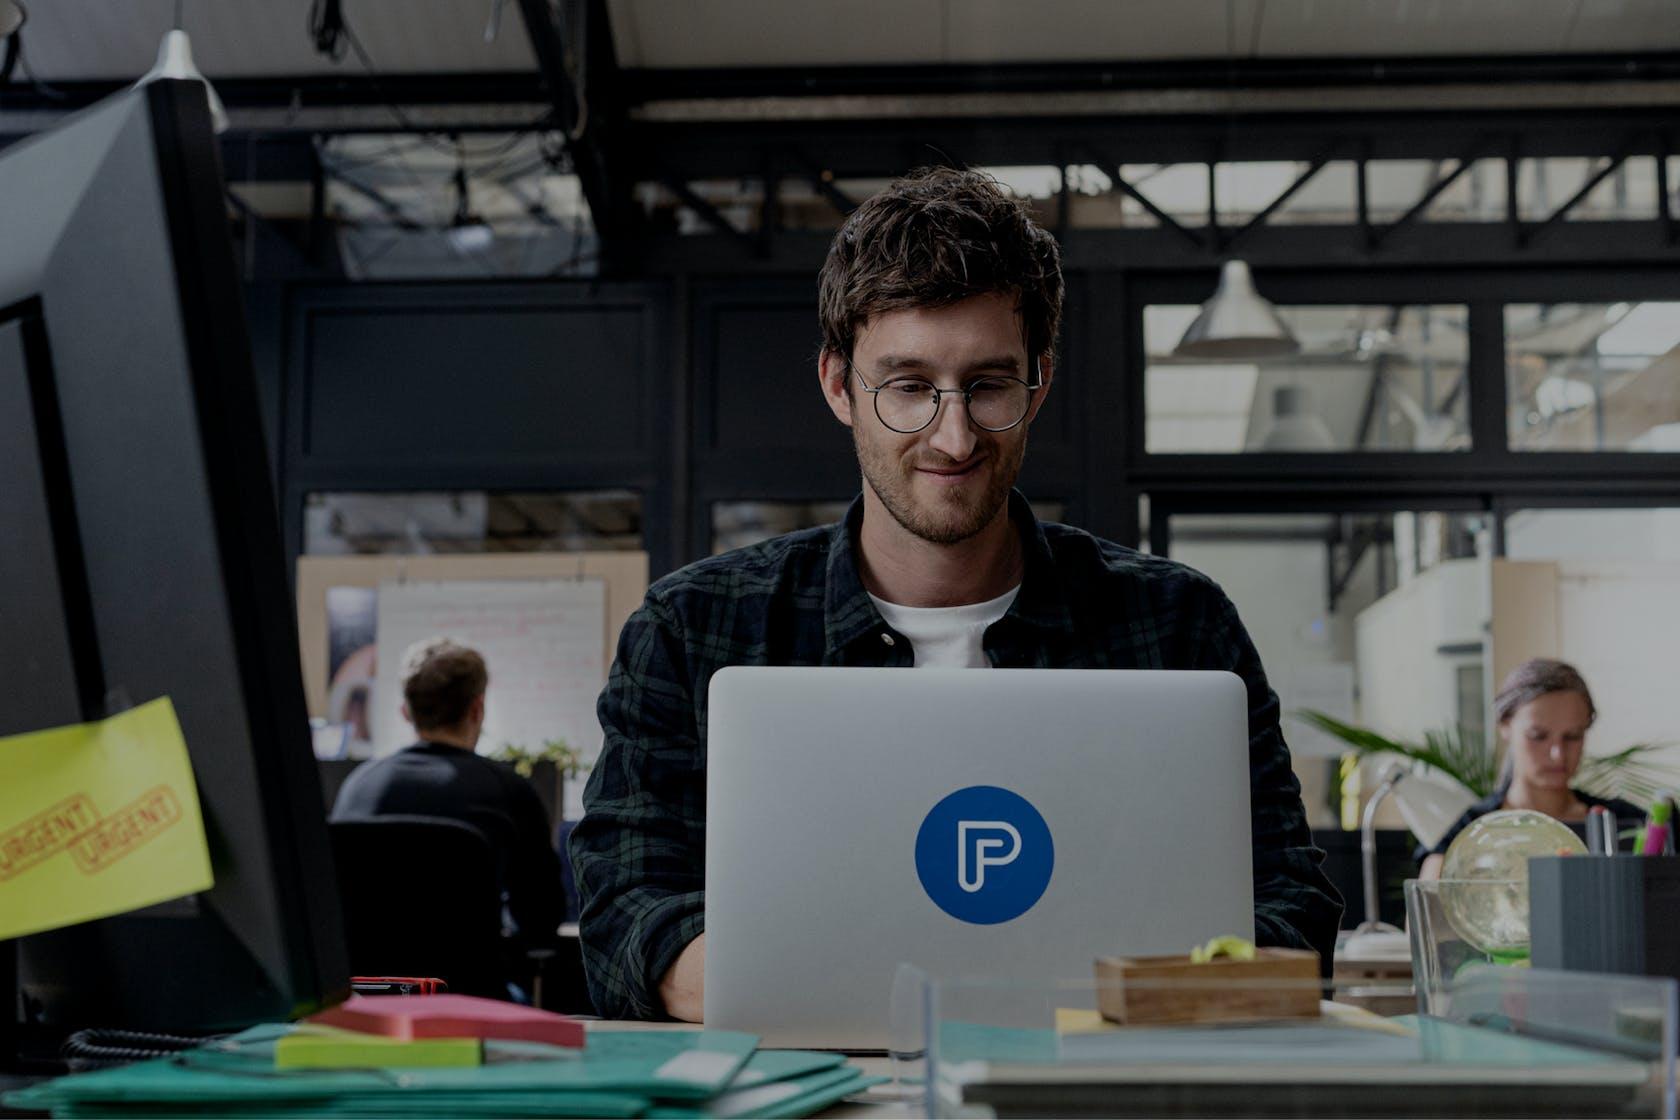 Chers clients, bénéficiez de 50% de réduction sur PayFit pendant 3 mois !